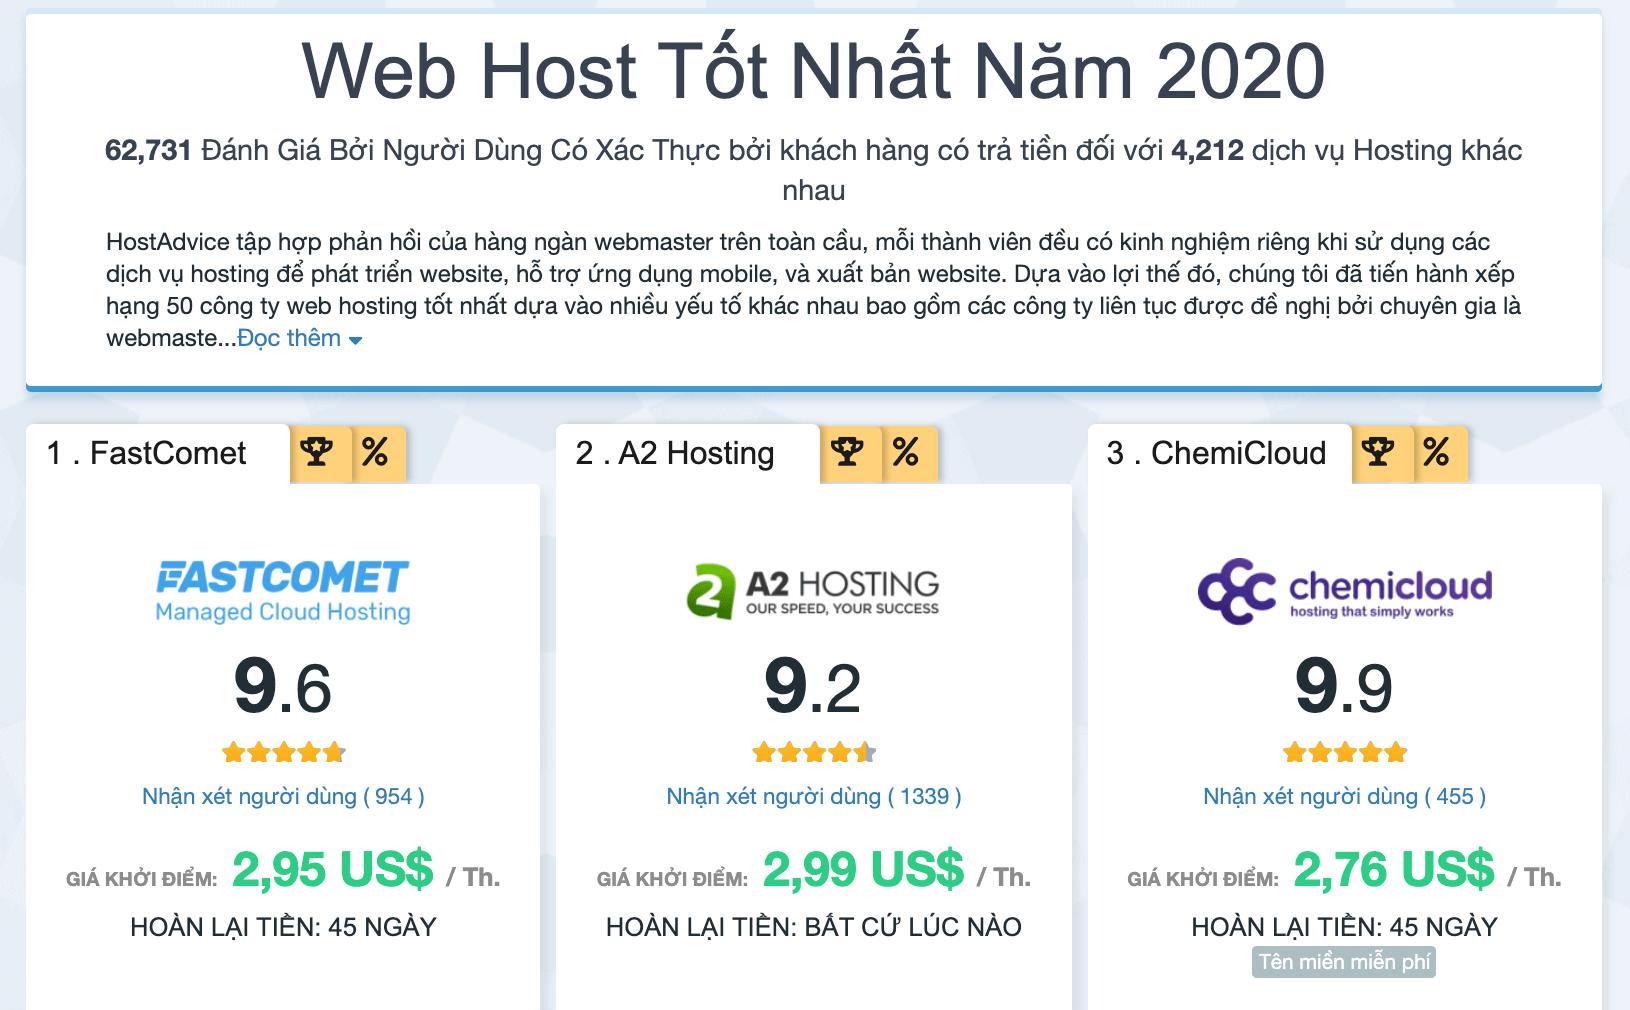 top hosting tốt nhất 2020